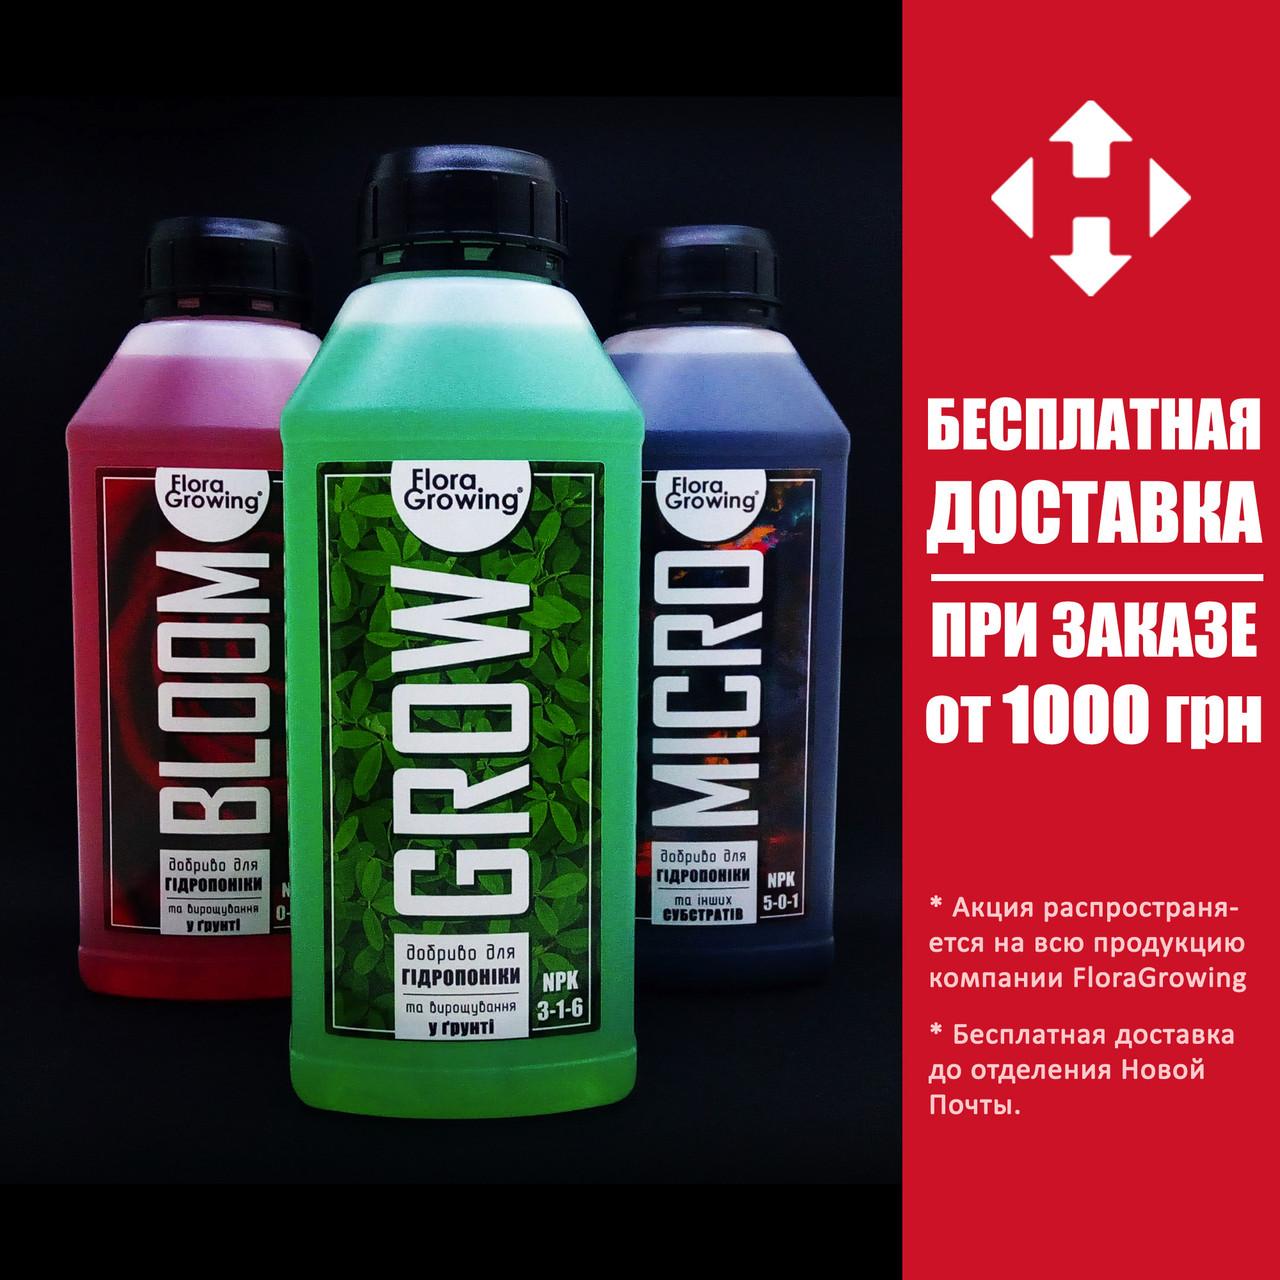 3 х 500 мл Hydroponics Kit набор удобрений для гидропоники и почвы | Аналог Advanced Nutrients Jungle Juice